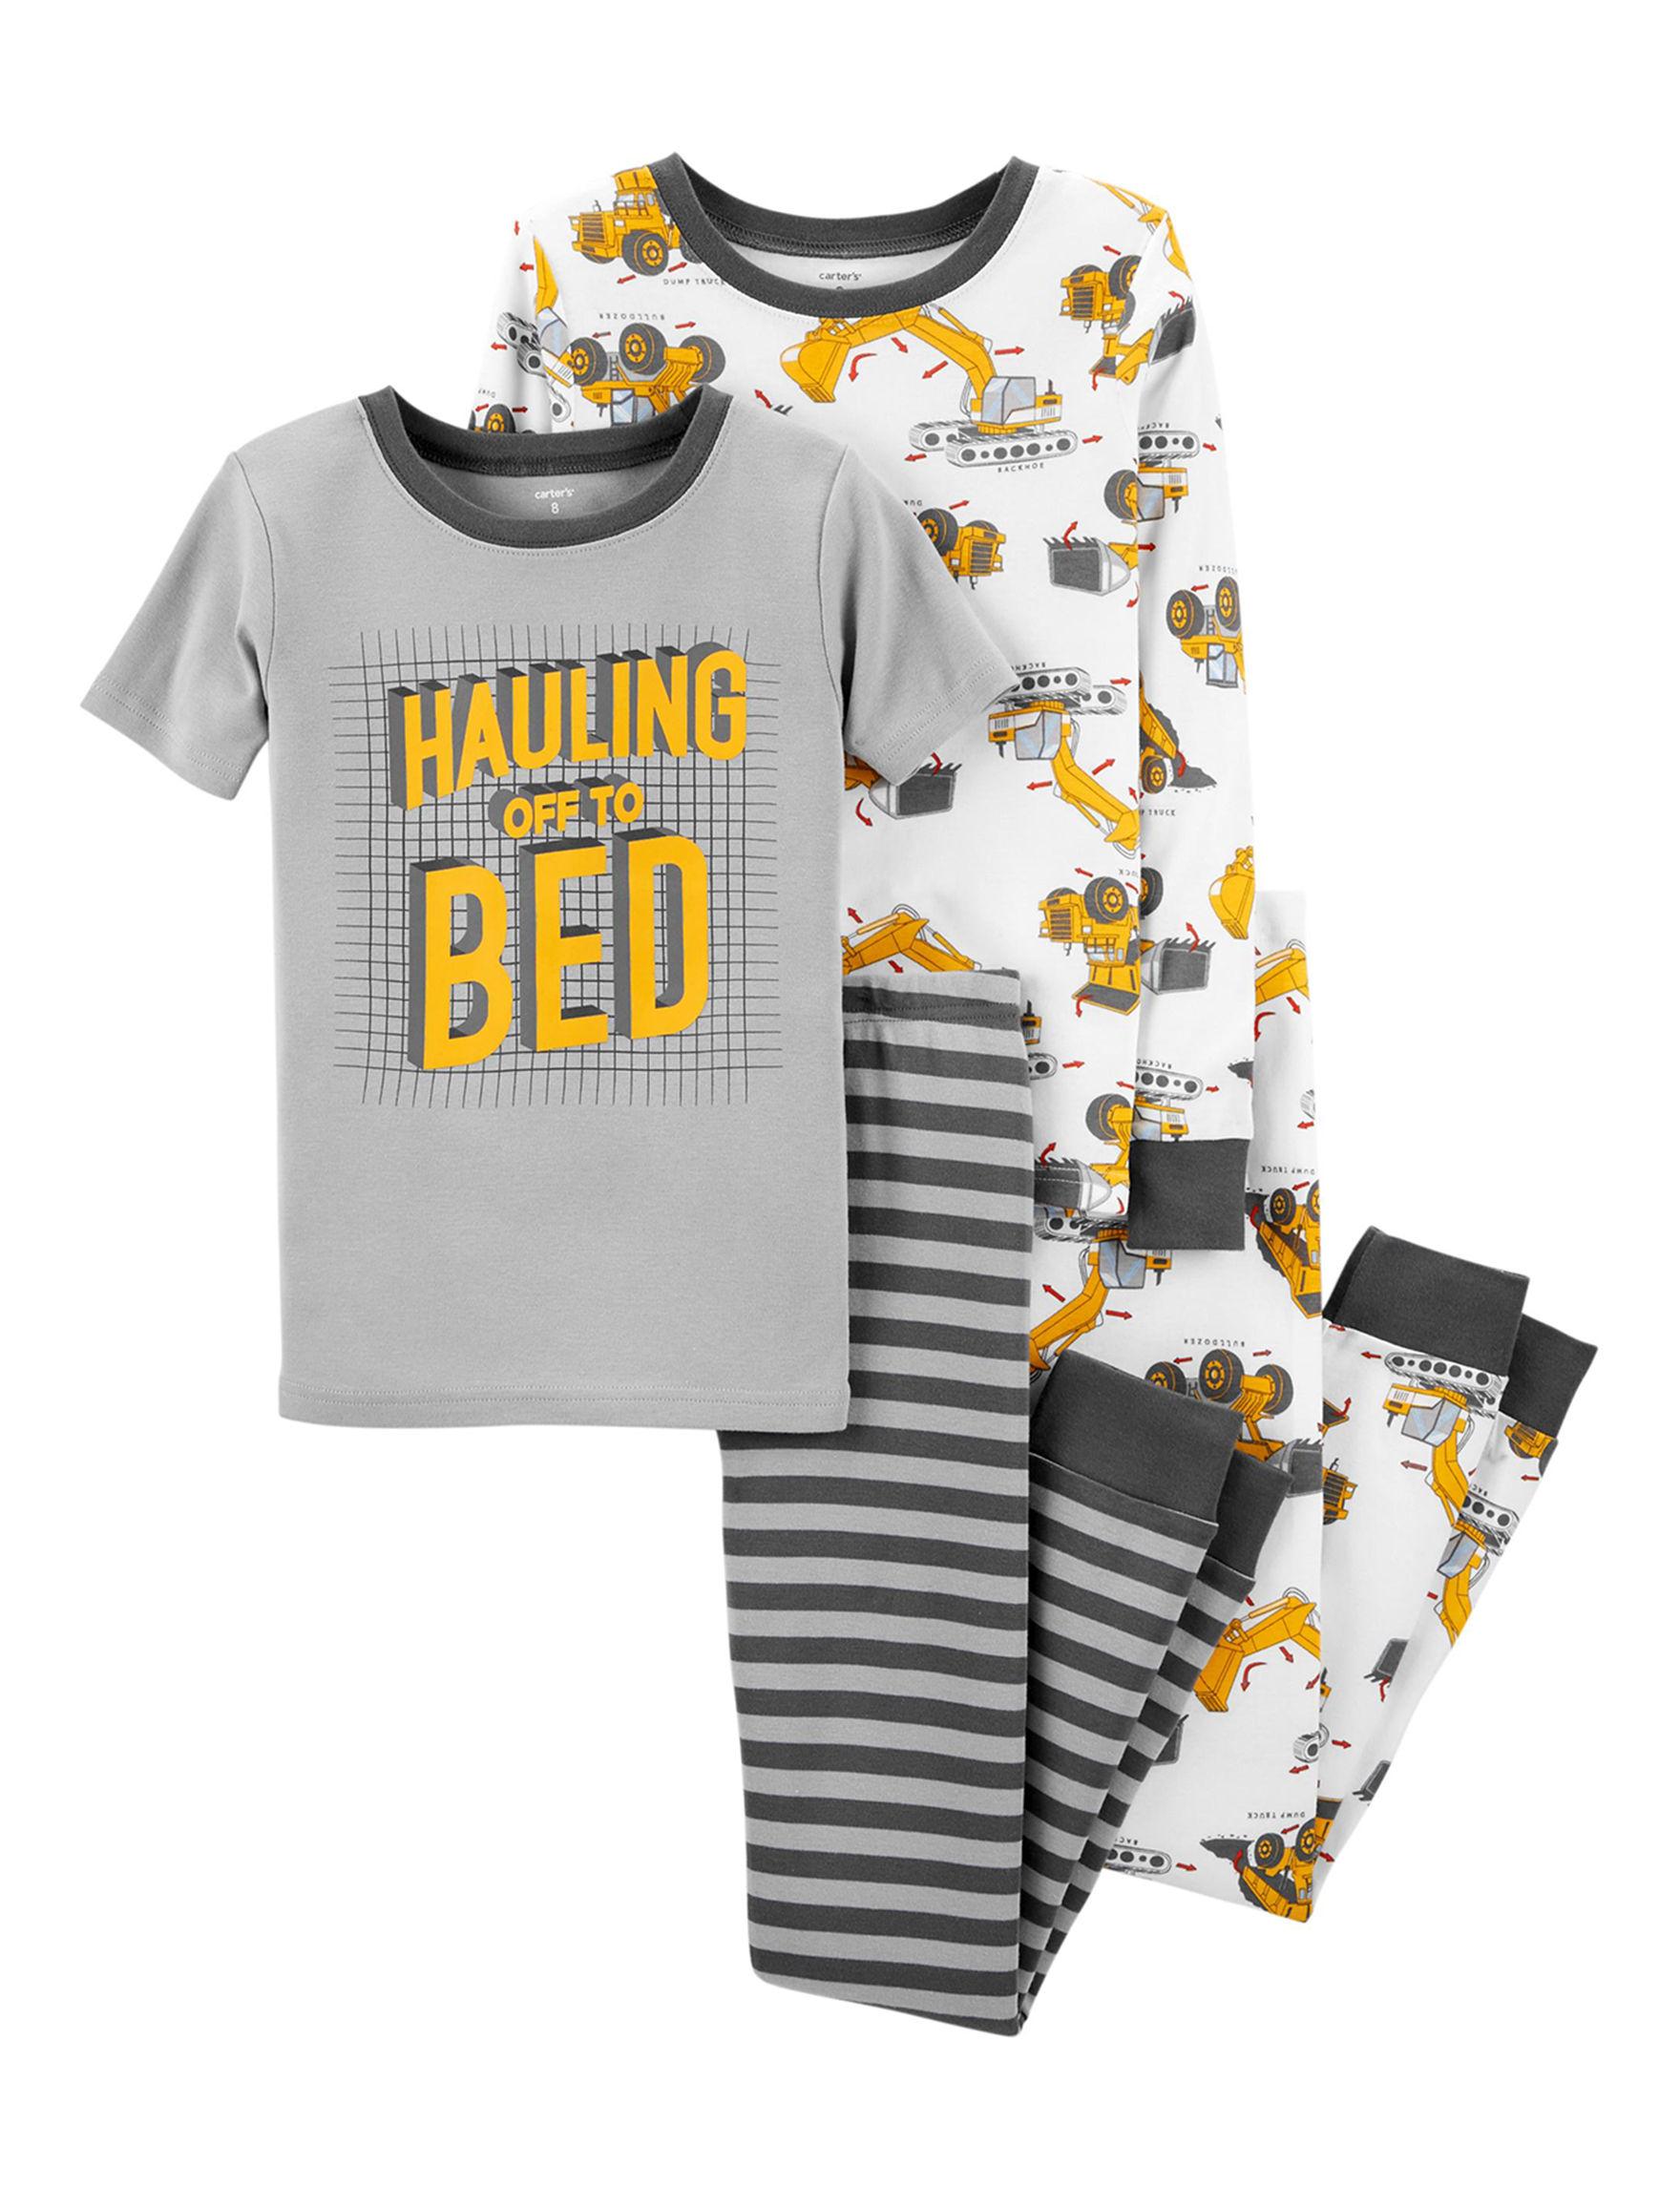 Carter's Grey/ Yellow Pajama Sets